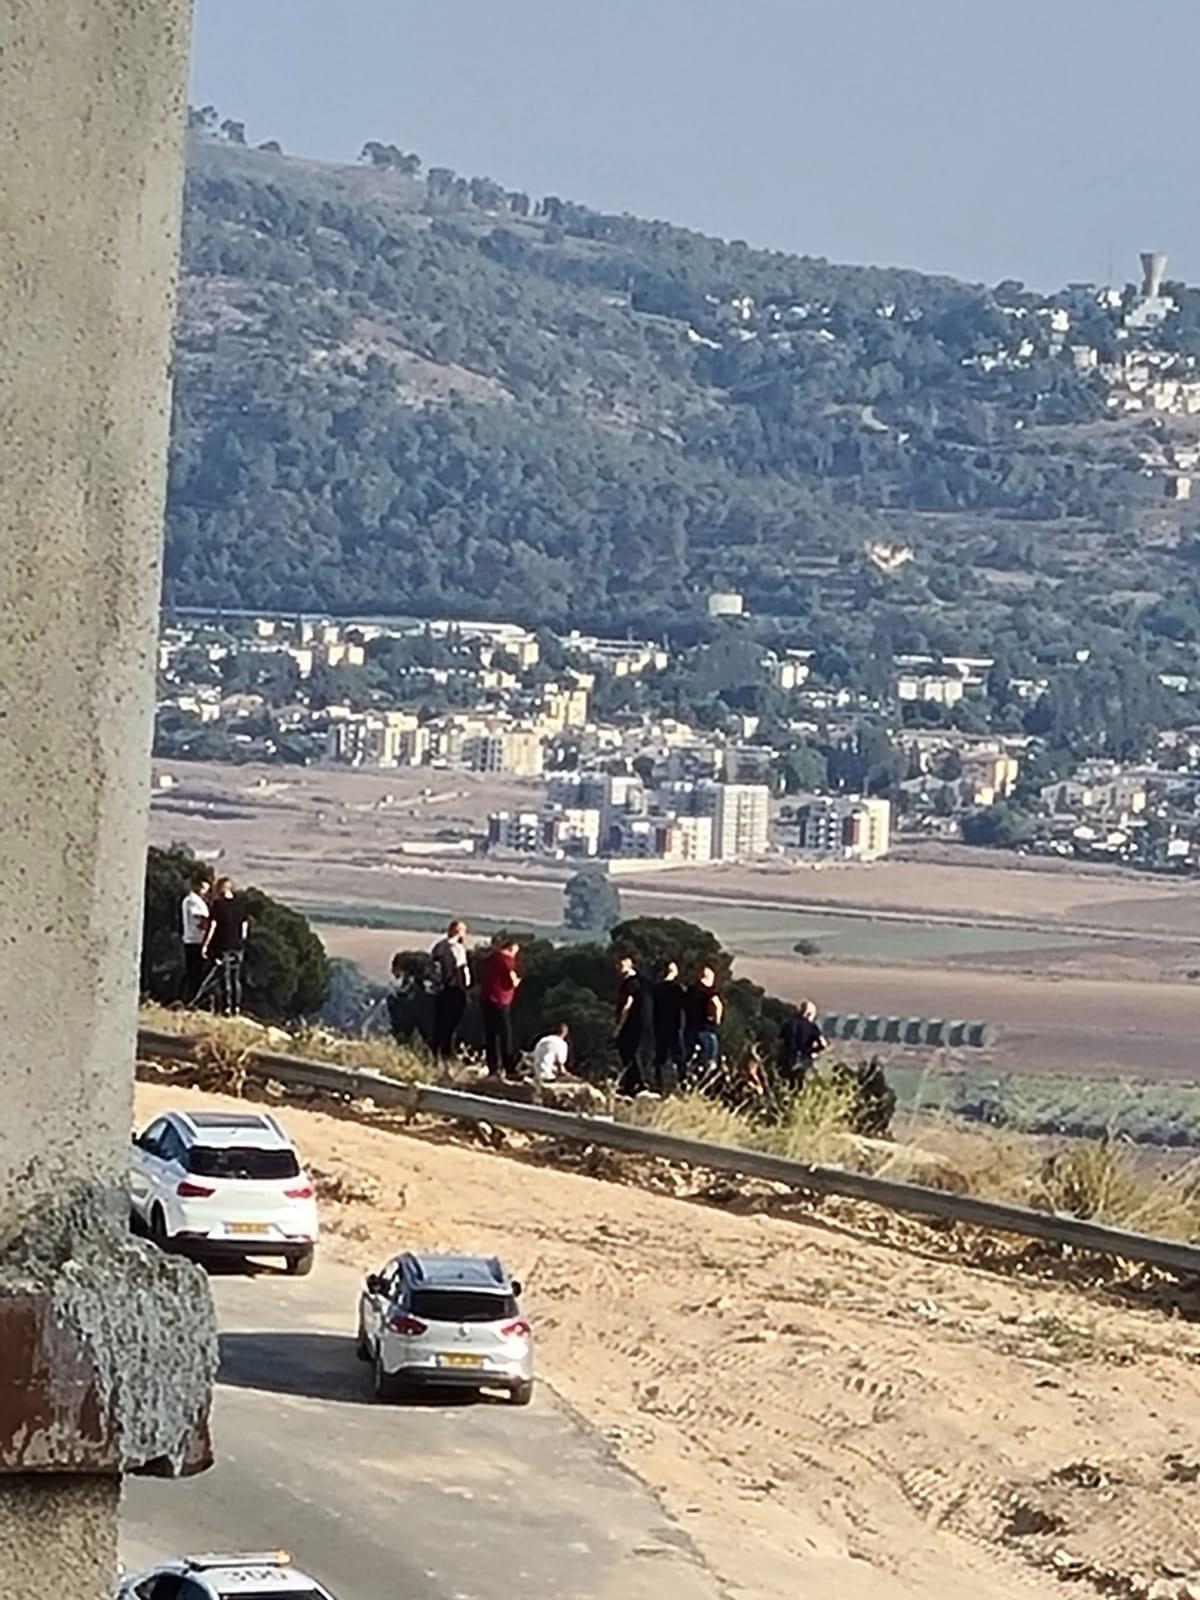 قوات من الجيش والشرطة معززة بطائرة مروحية في إكسال وجبل القفزة-3